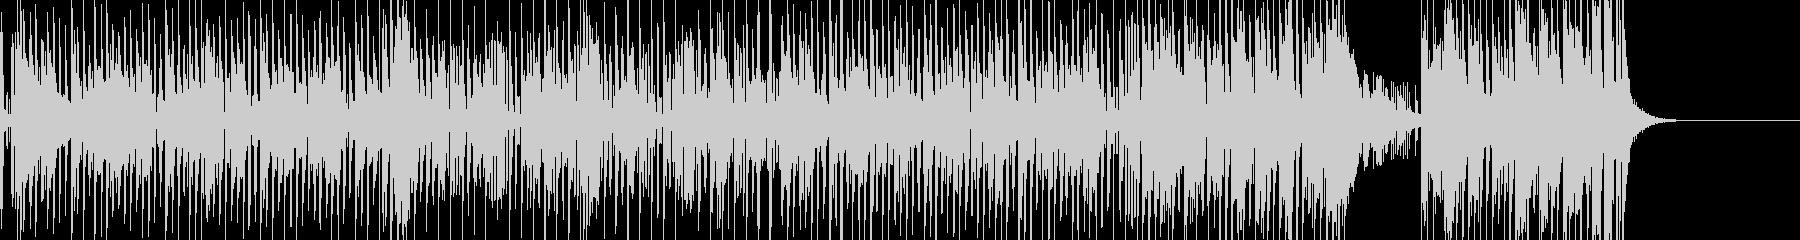 タンゴ風の明るい昭和楽曲の未再生の波形